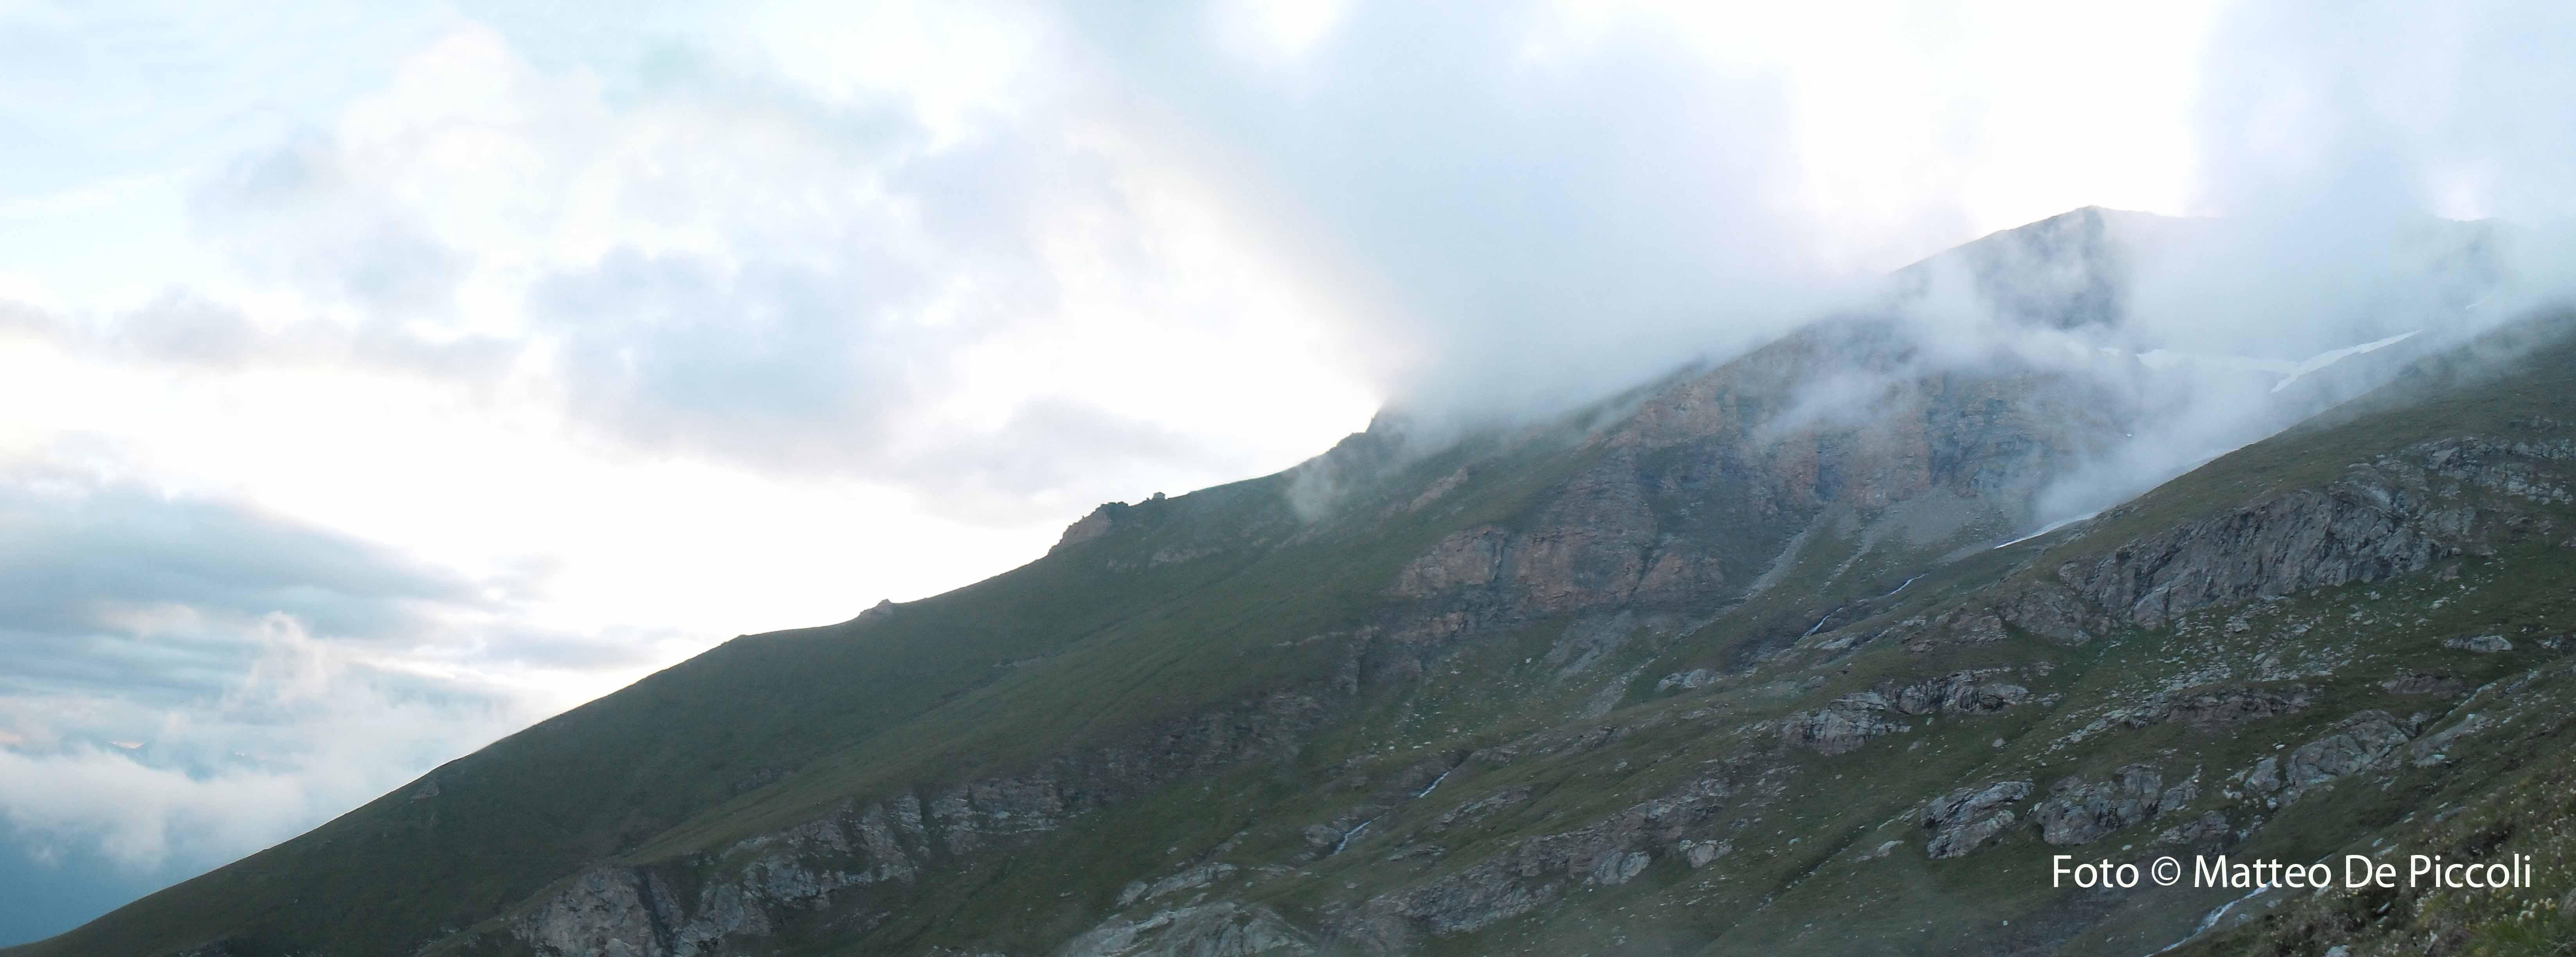 Il Ca' d'Asti e il versante sud verso la Val di Susa